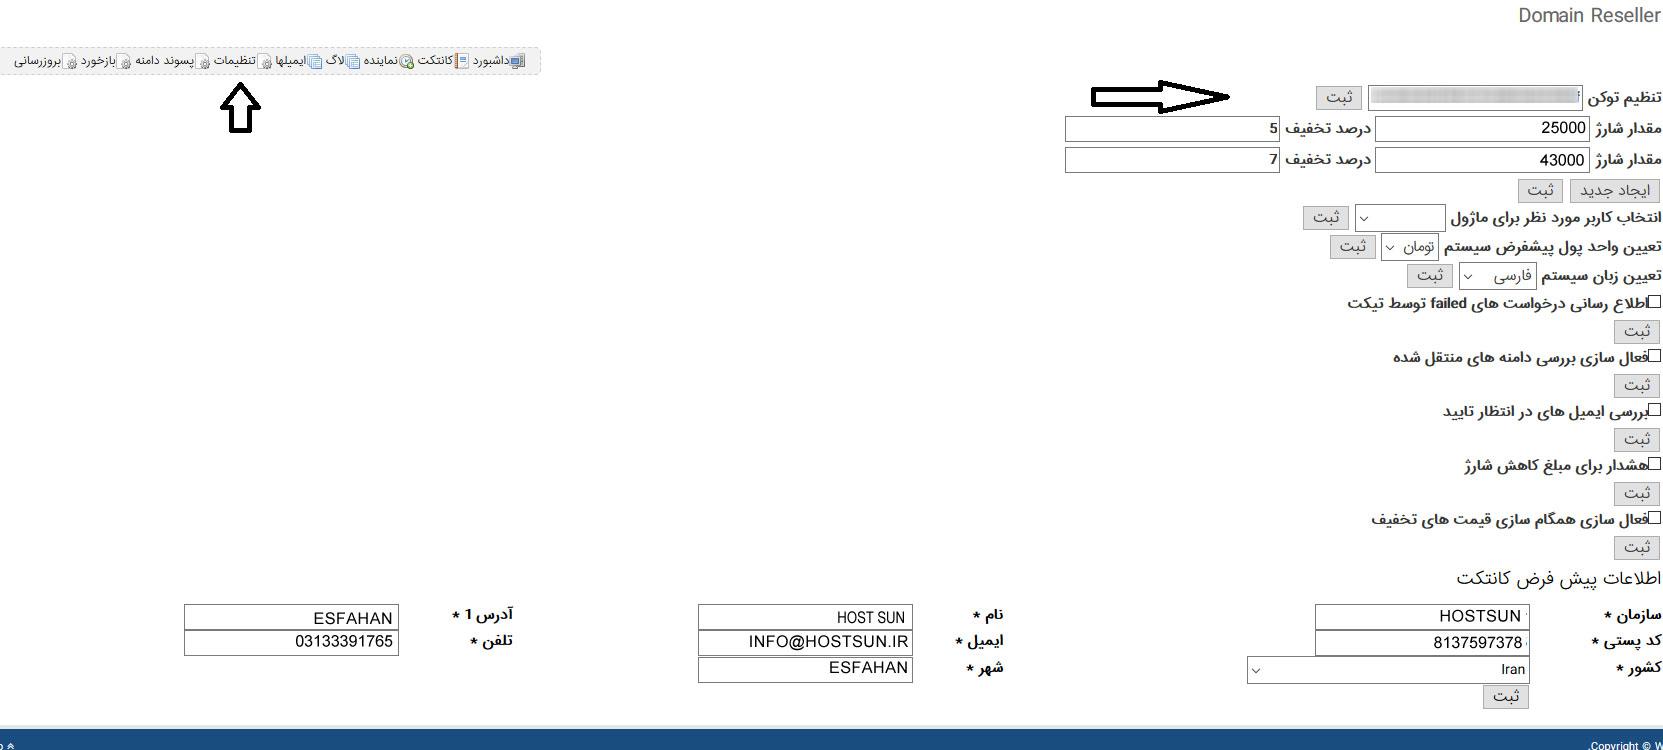 تنظیمات ماژول ثبت دامنه جوکر